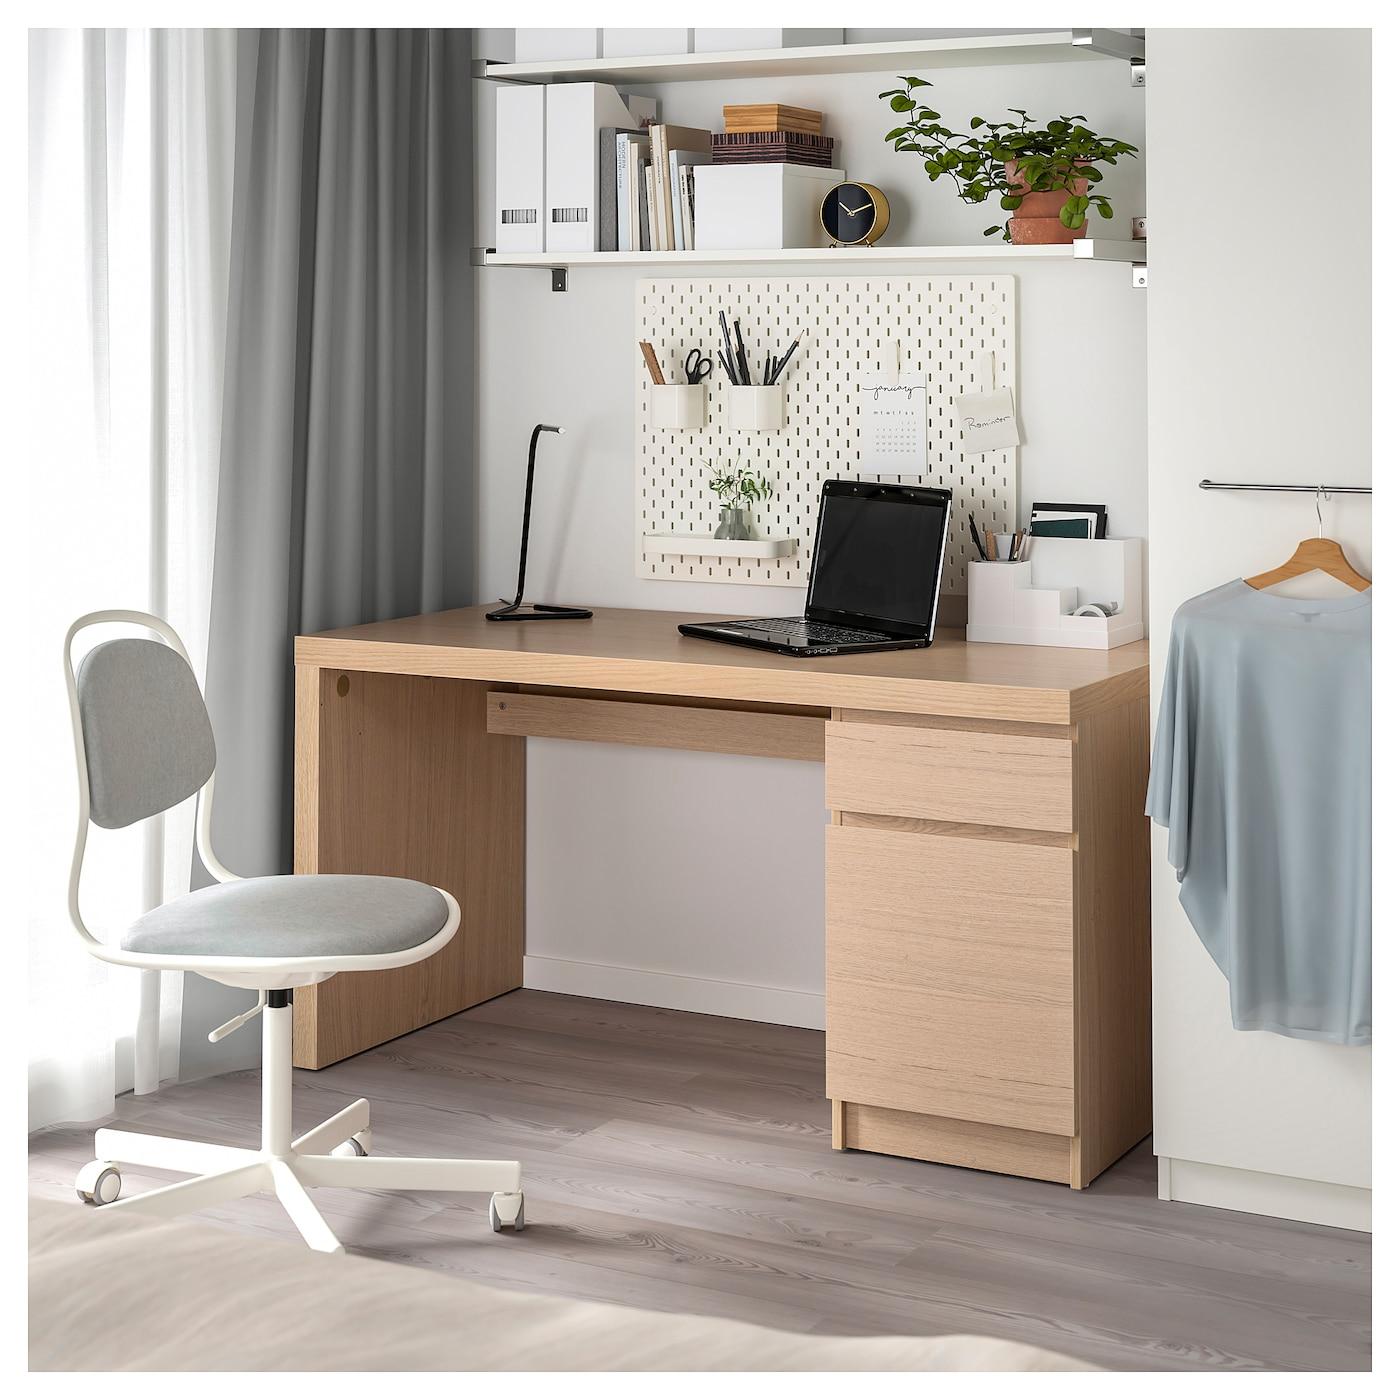 MALM Schreibtisch Eichenfurnier weiß lasiert 140x65 cm